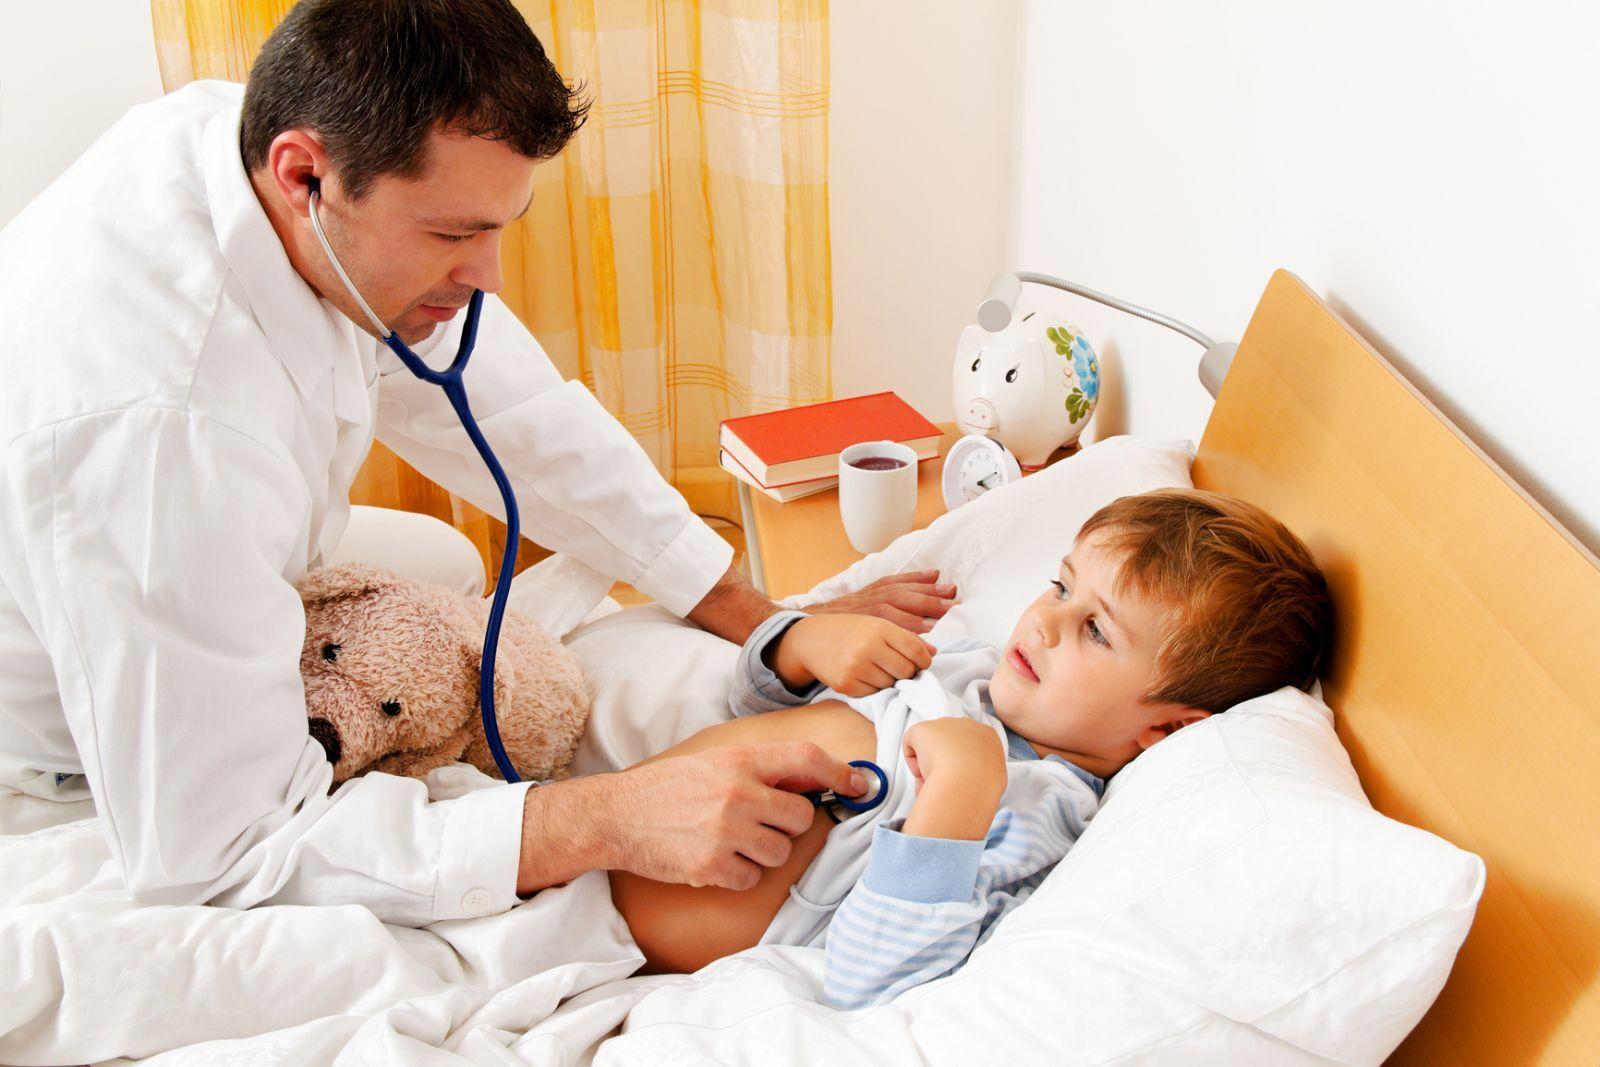 ВАдыгее зарегистрировали 16 случаев заболевания корью